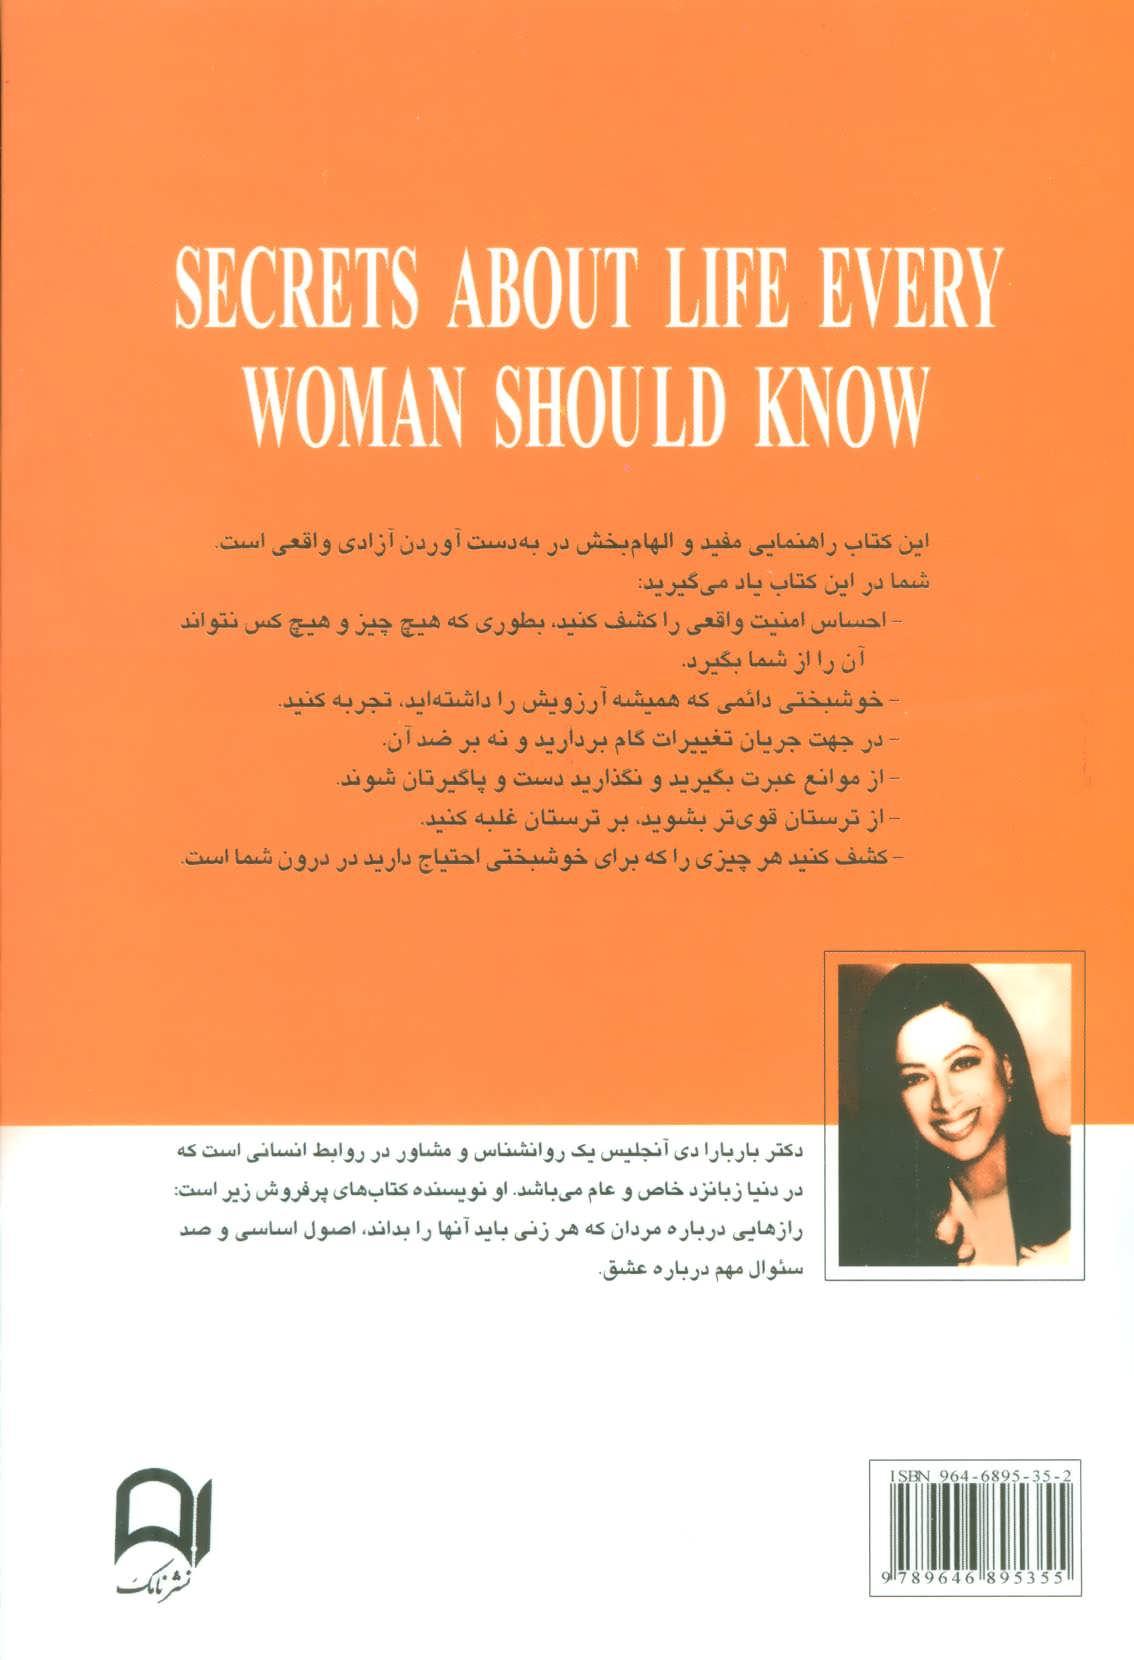 رازهایی درباره زندگی که هر زنی باید بداند (10 اصل برای تکامل احساسی و معنوی)